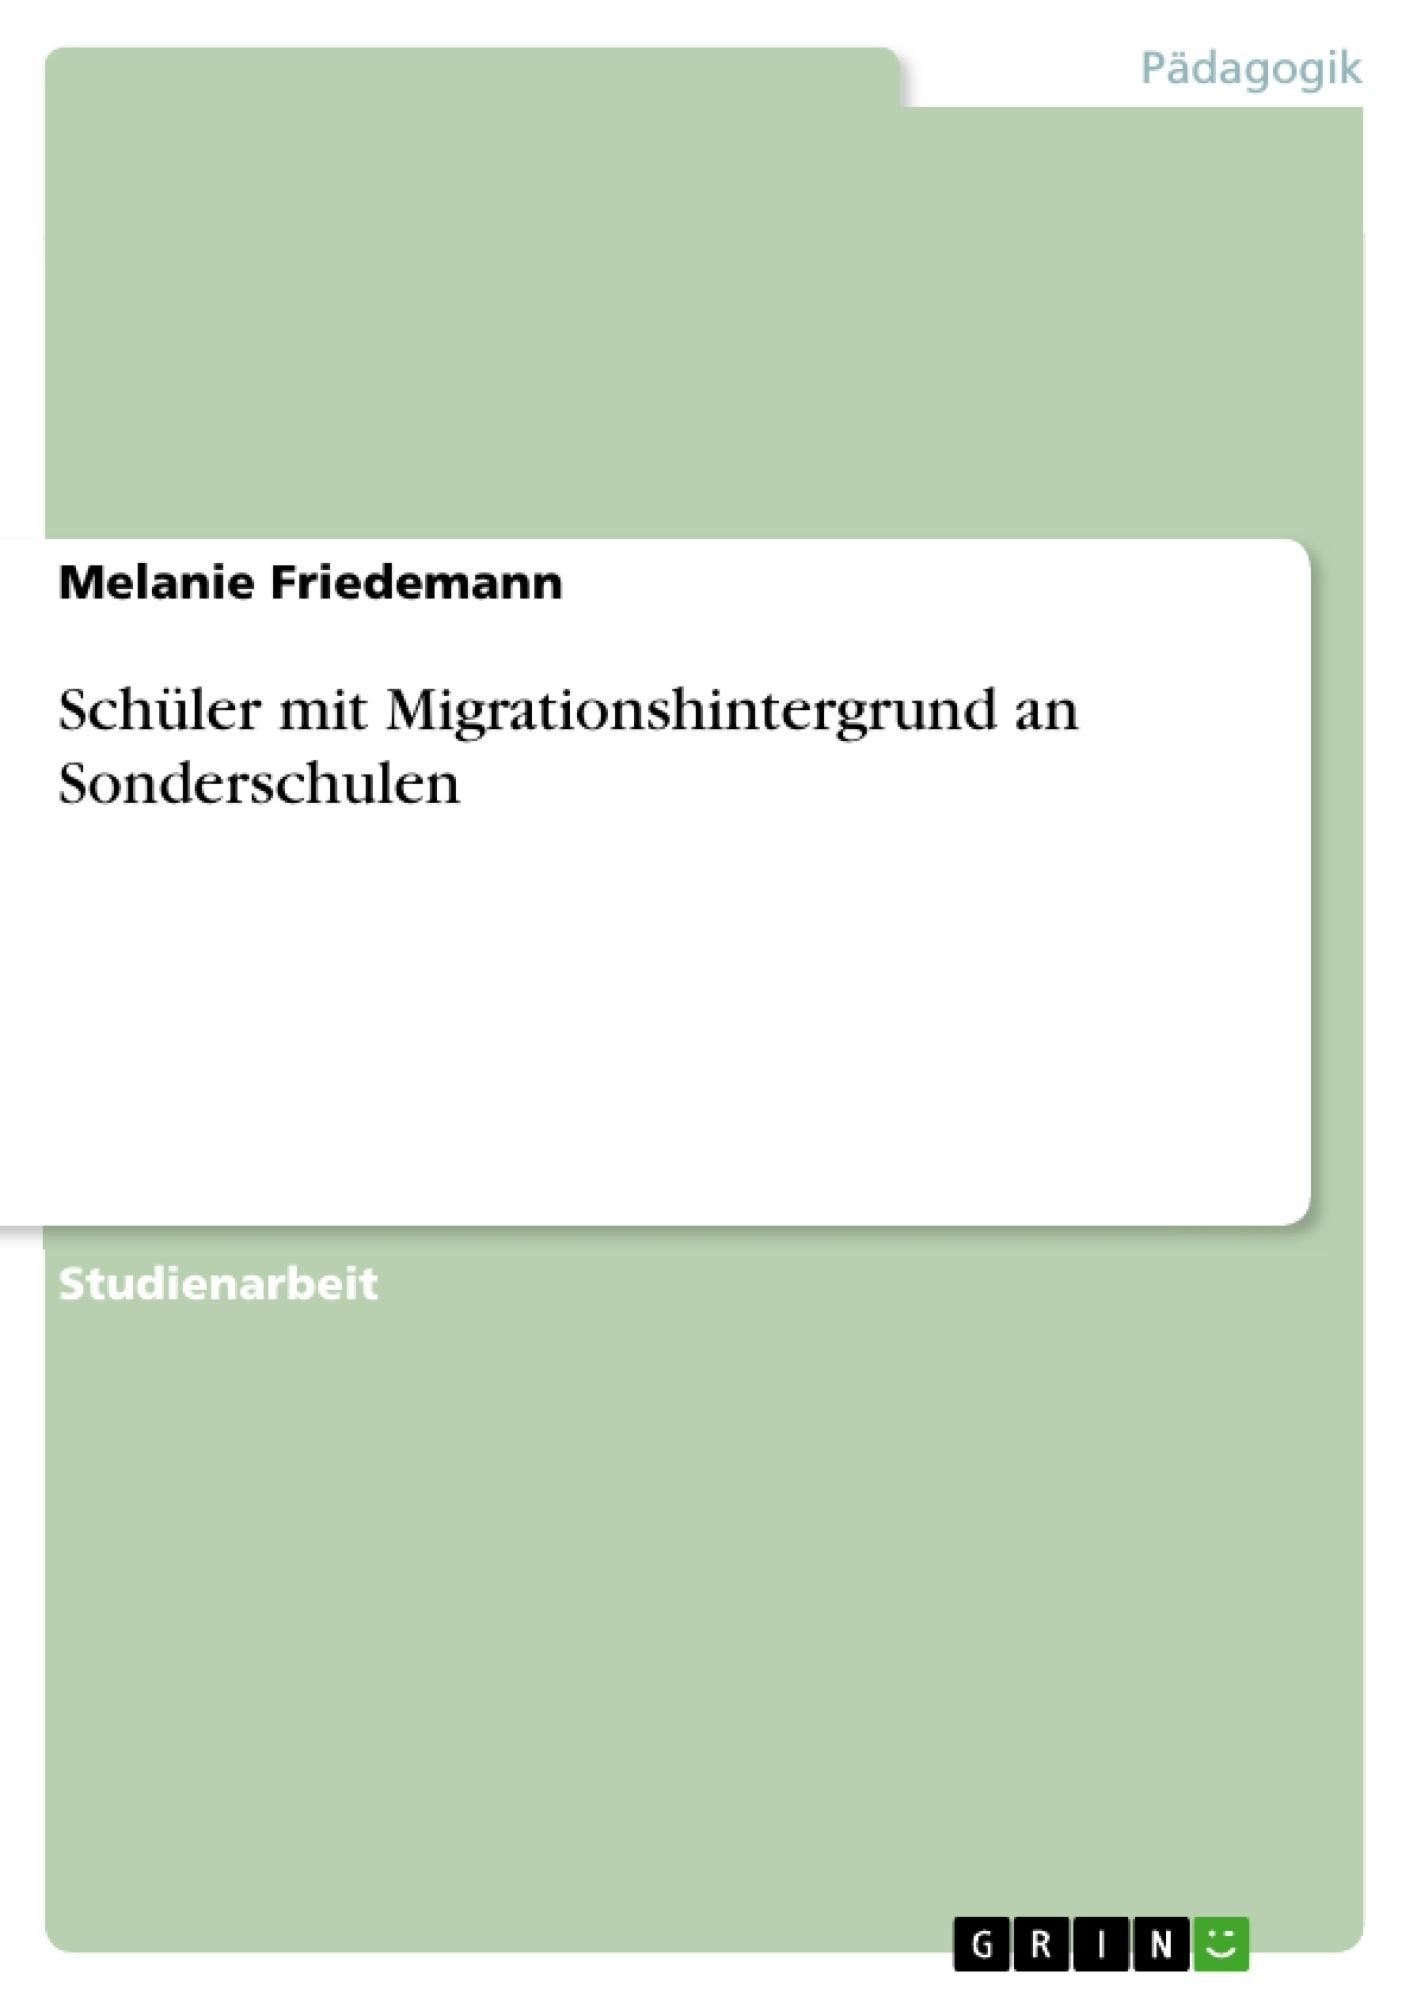 Titel: Schüler mit Migrationshintergrund an Sonderschulen